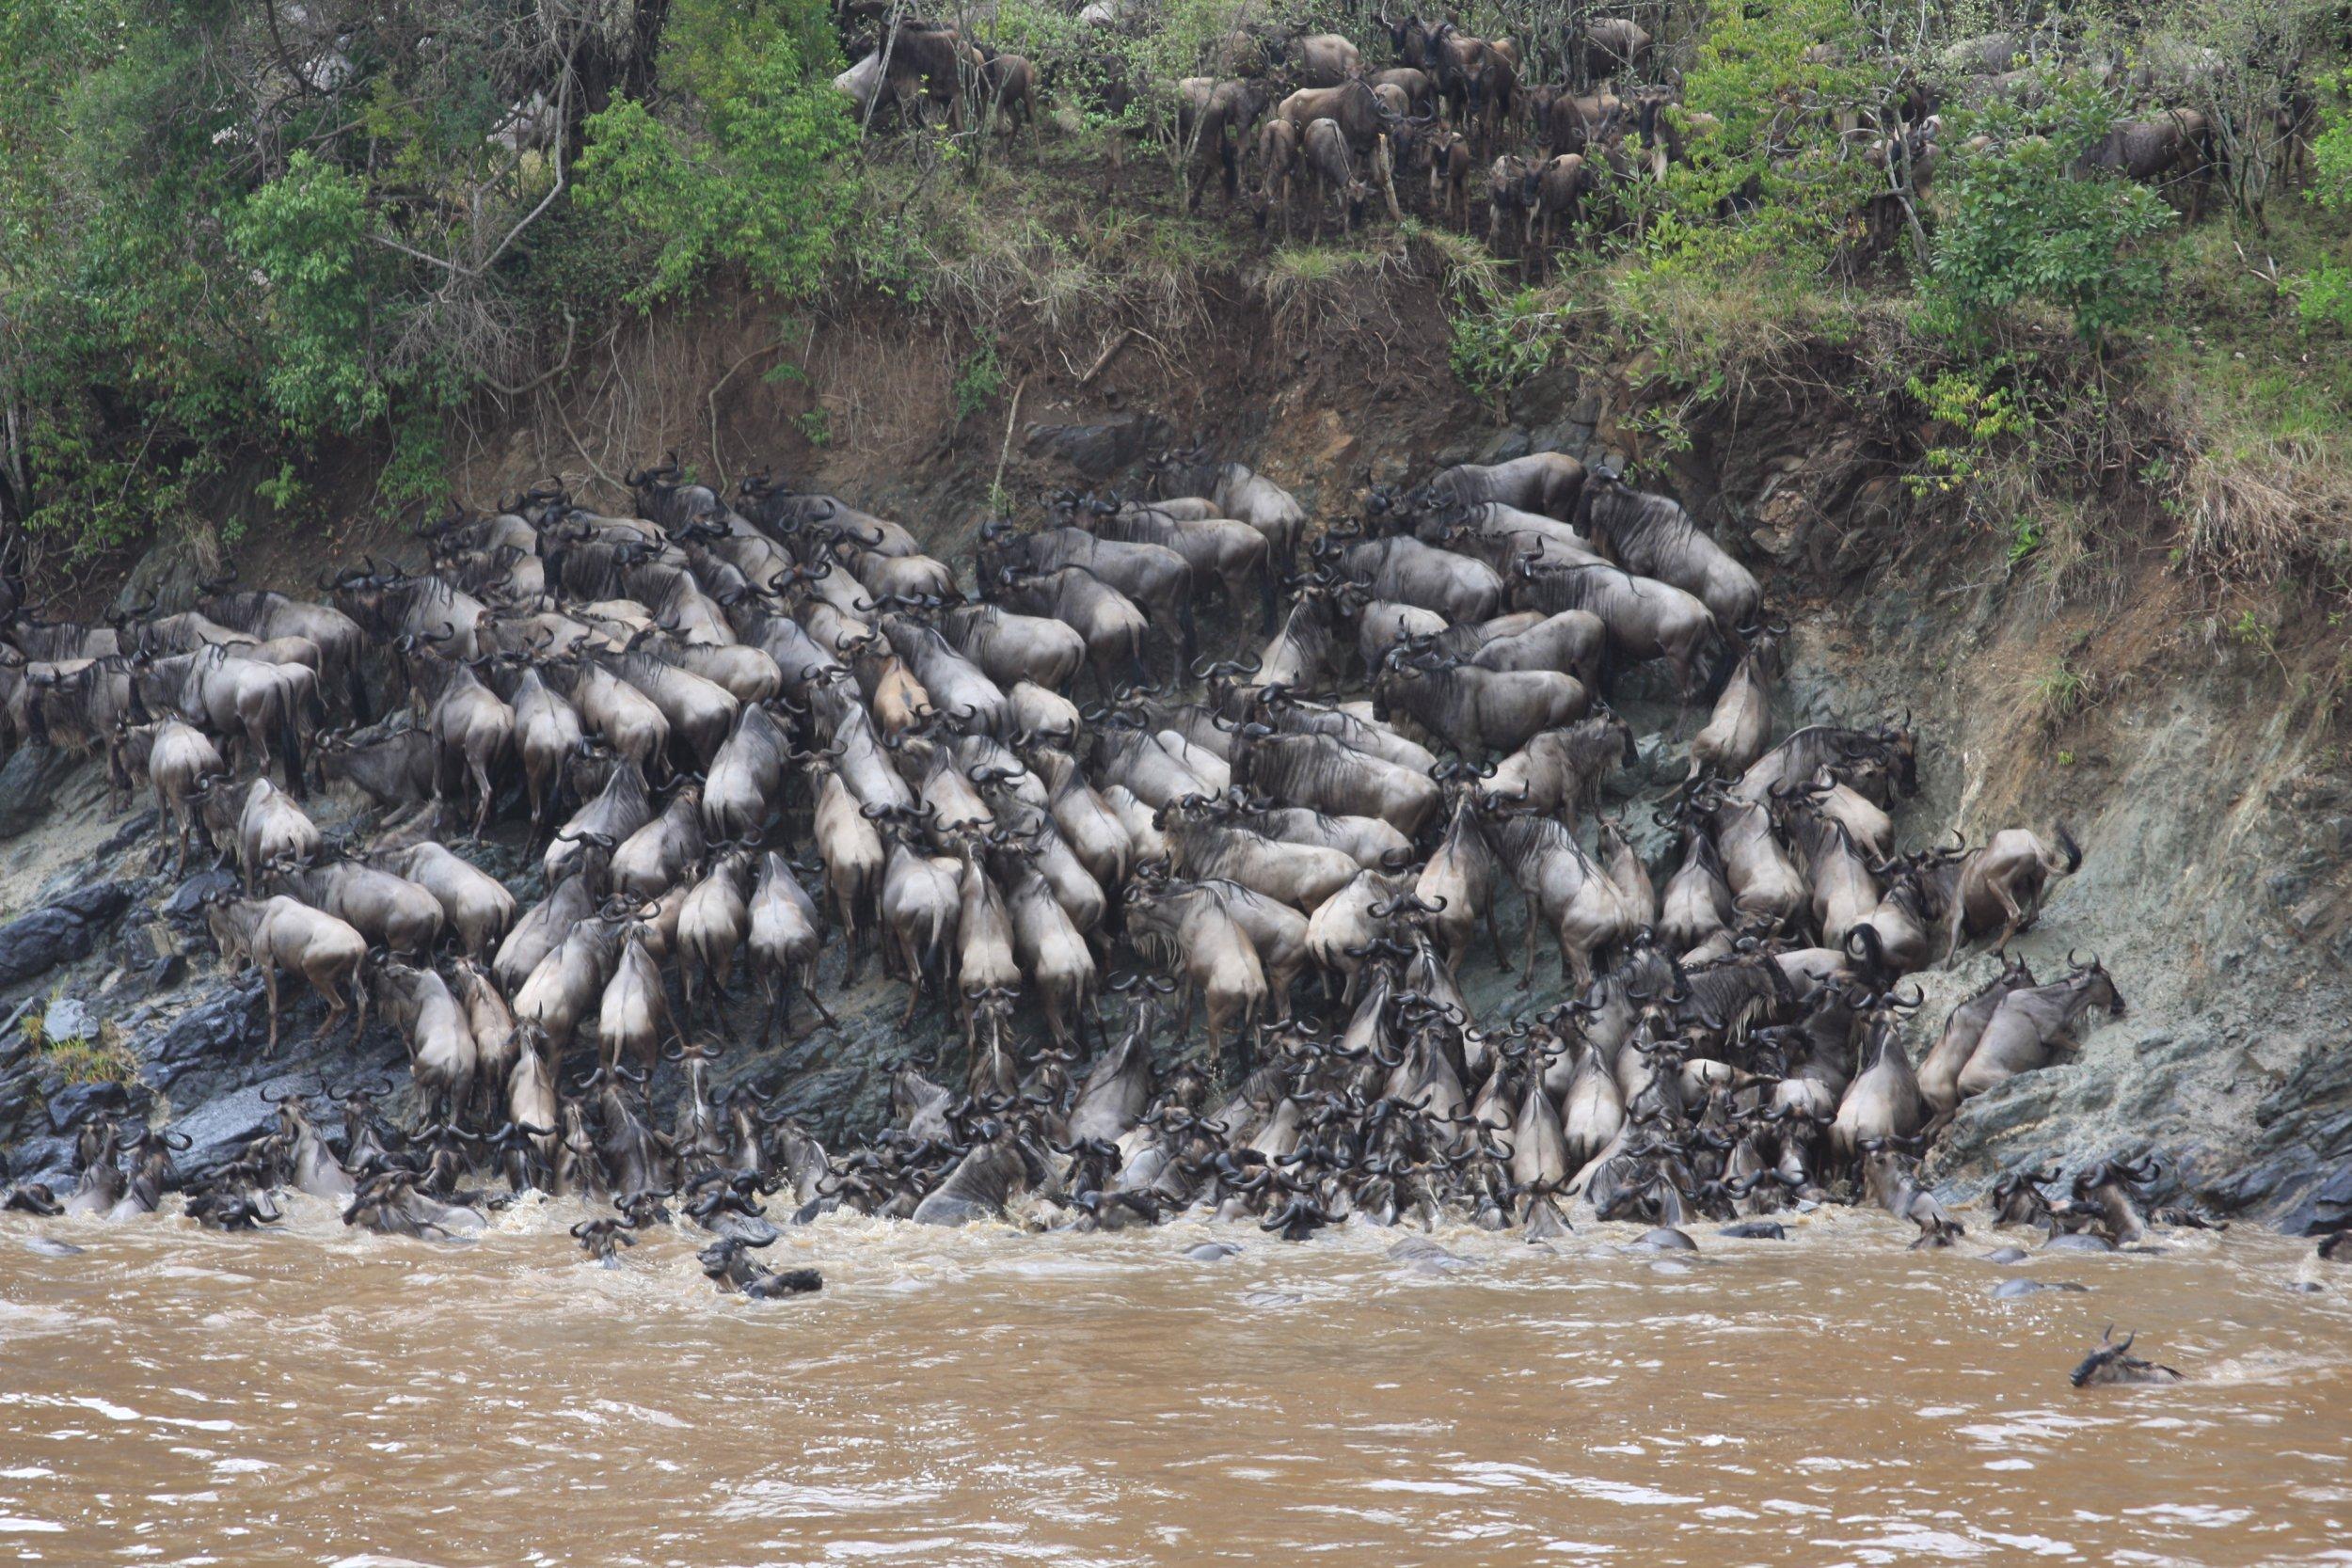 wildebeest-drowing